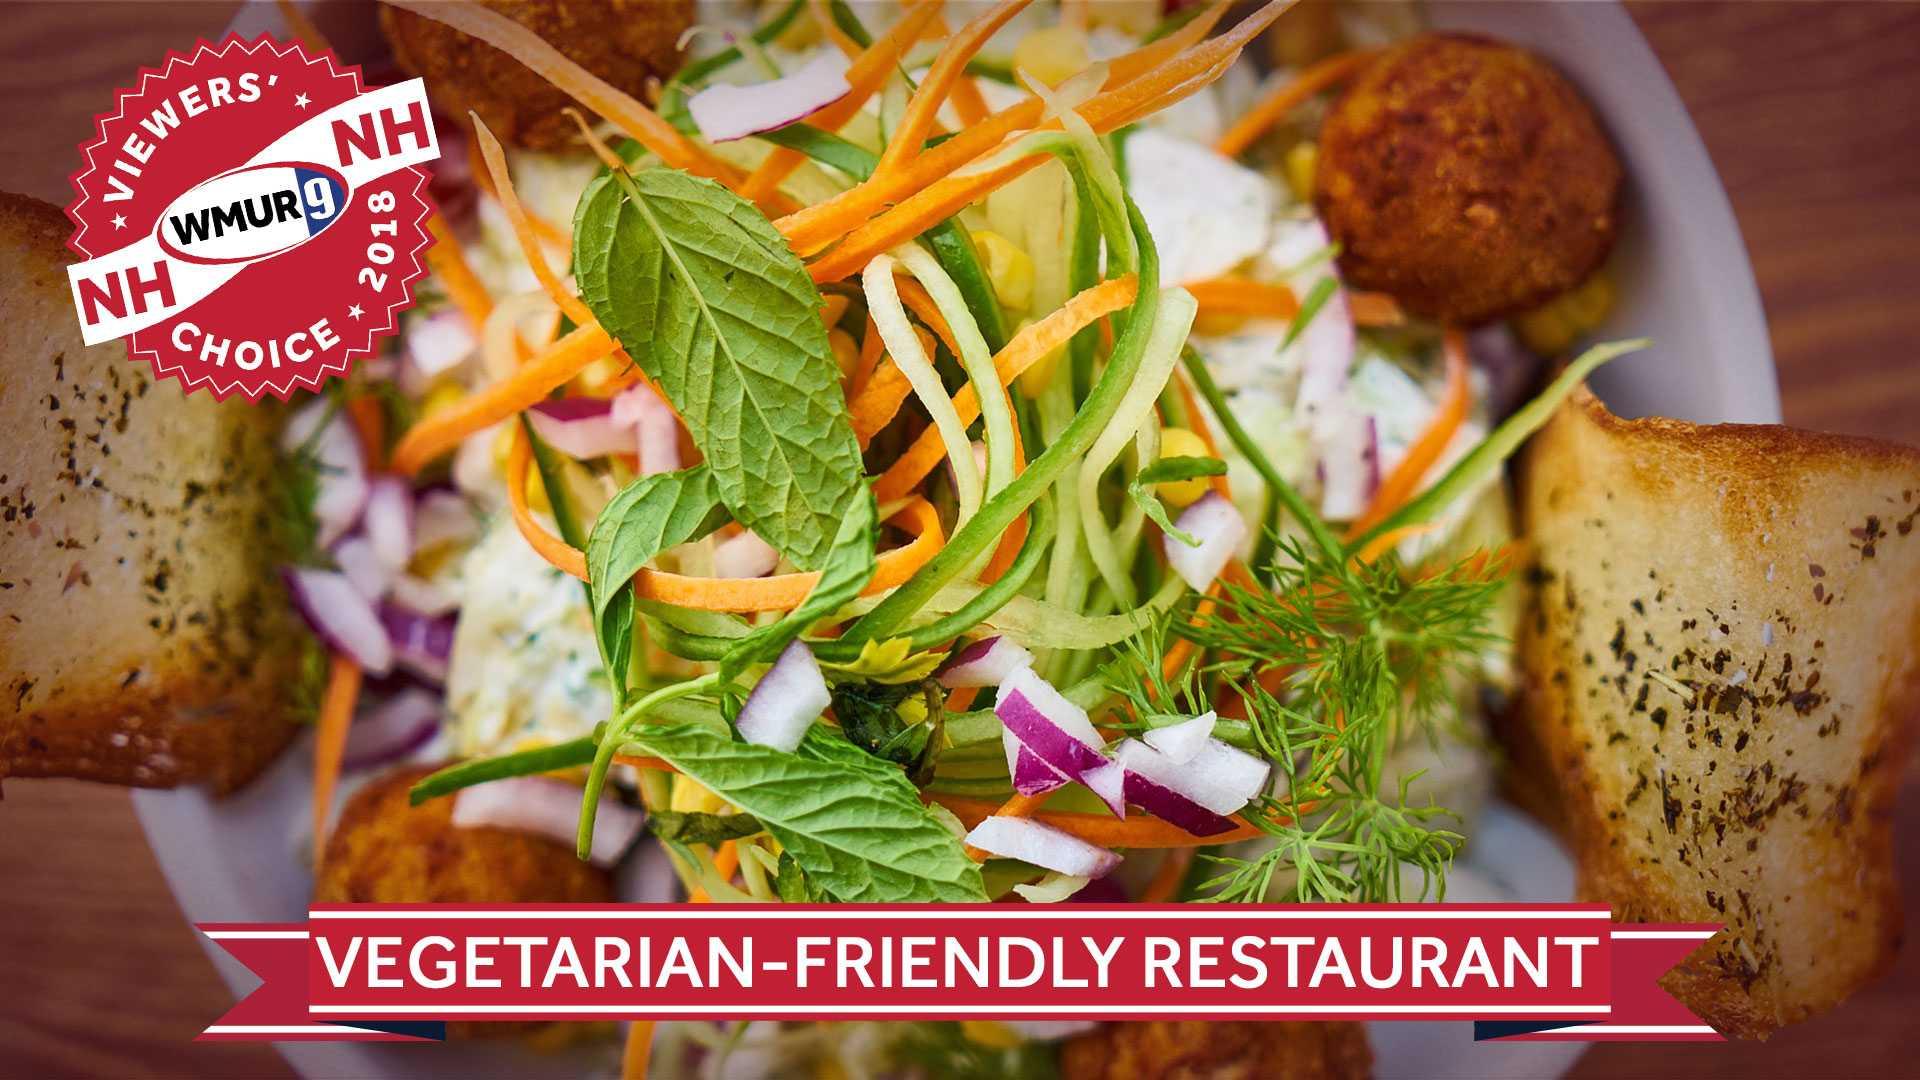 Vegetarian-friendly restaurant